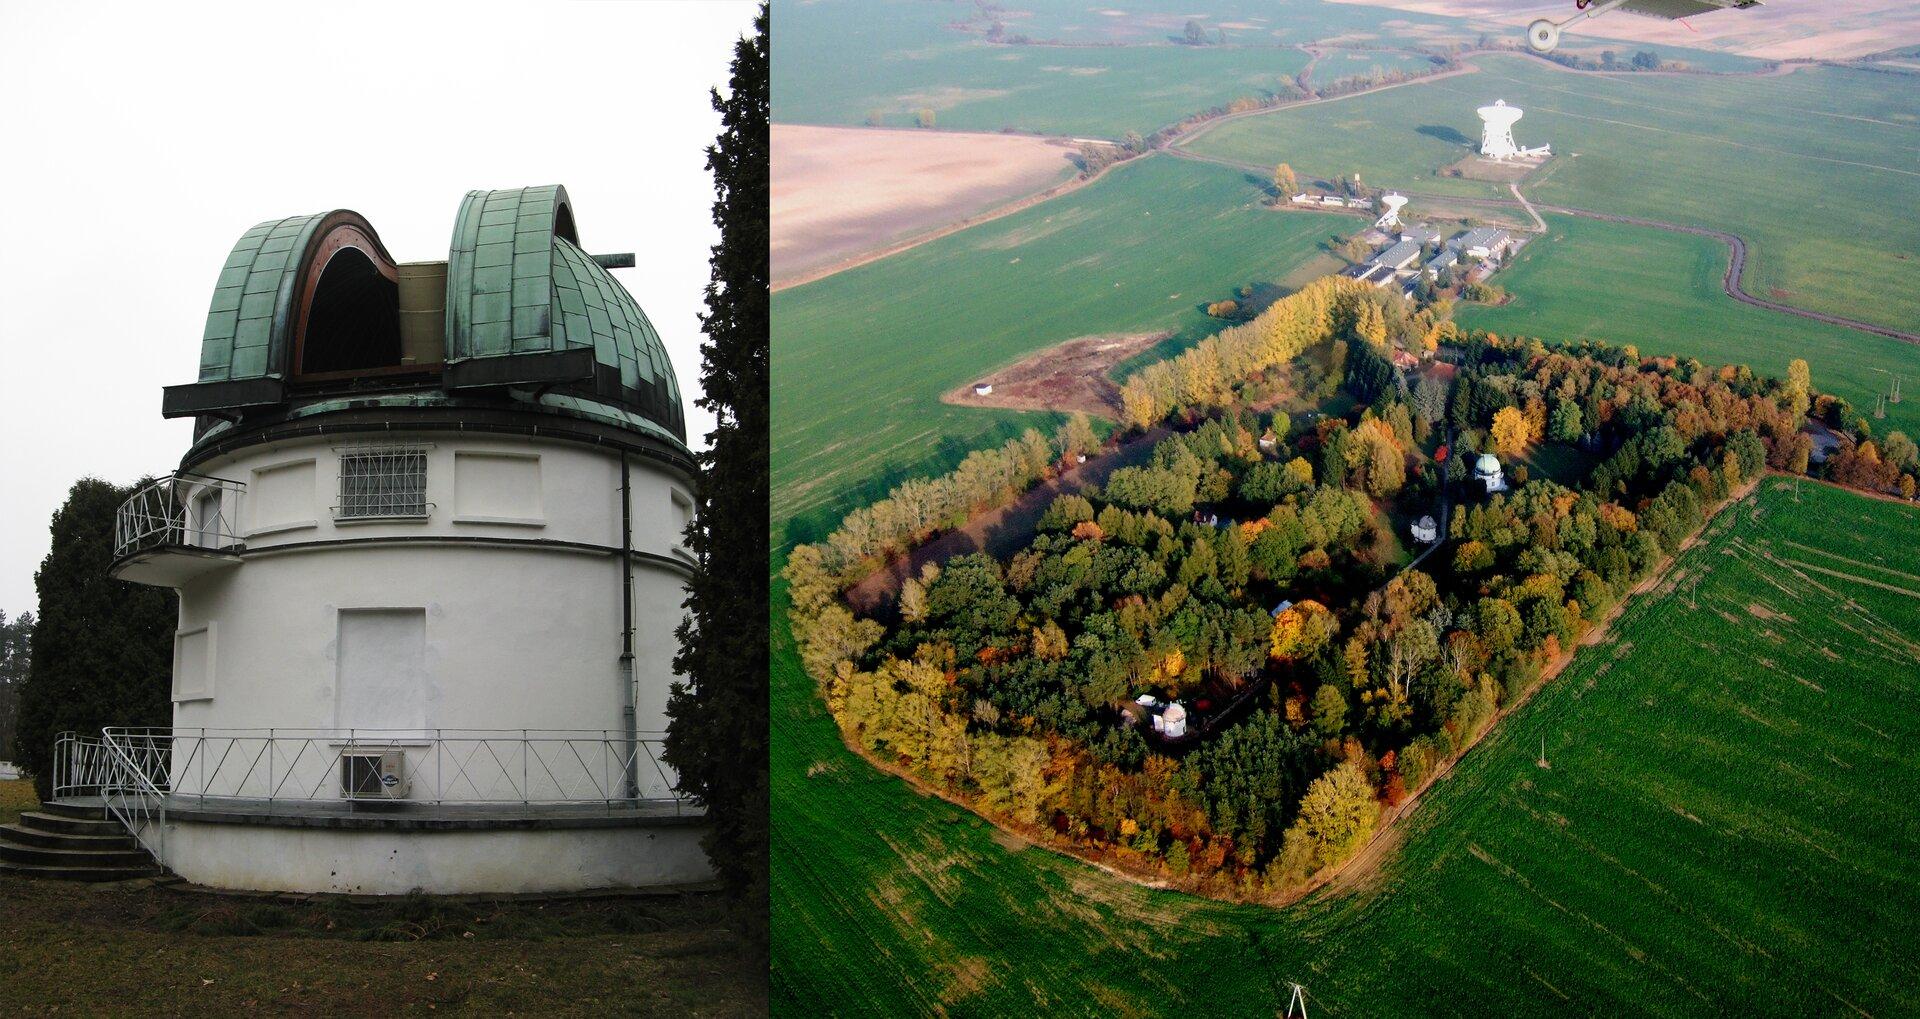 Fotografia po lewej stronie prezentuje budynek obserwatorium oowalnym kształcie zwieńczony rozsuwaną kopułą, przez którą wystaje teleskop. Obok zdjęcie wykonane zwysokości, na którymi widać prostokątny zadrzewiony teren otoczony dookoła polami. Wśrodku terenu widoczne budynki dwóch obserwatoriów.